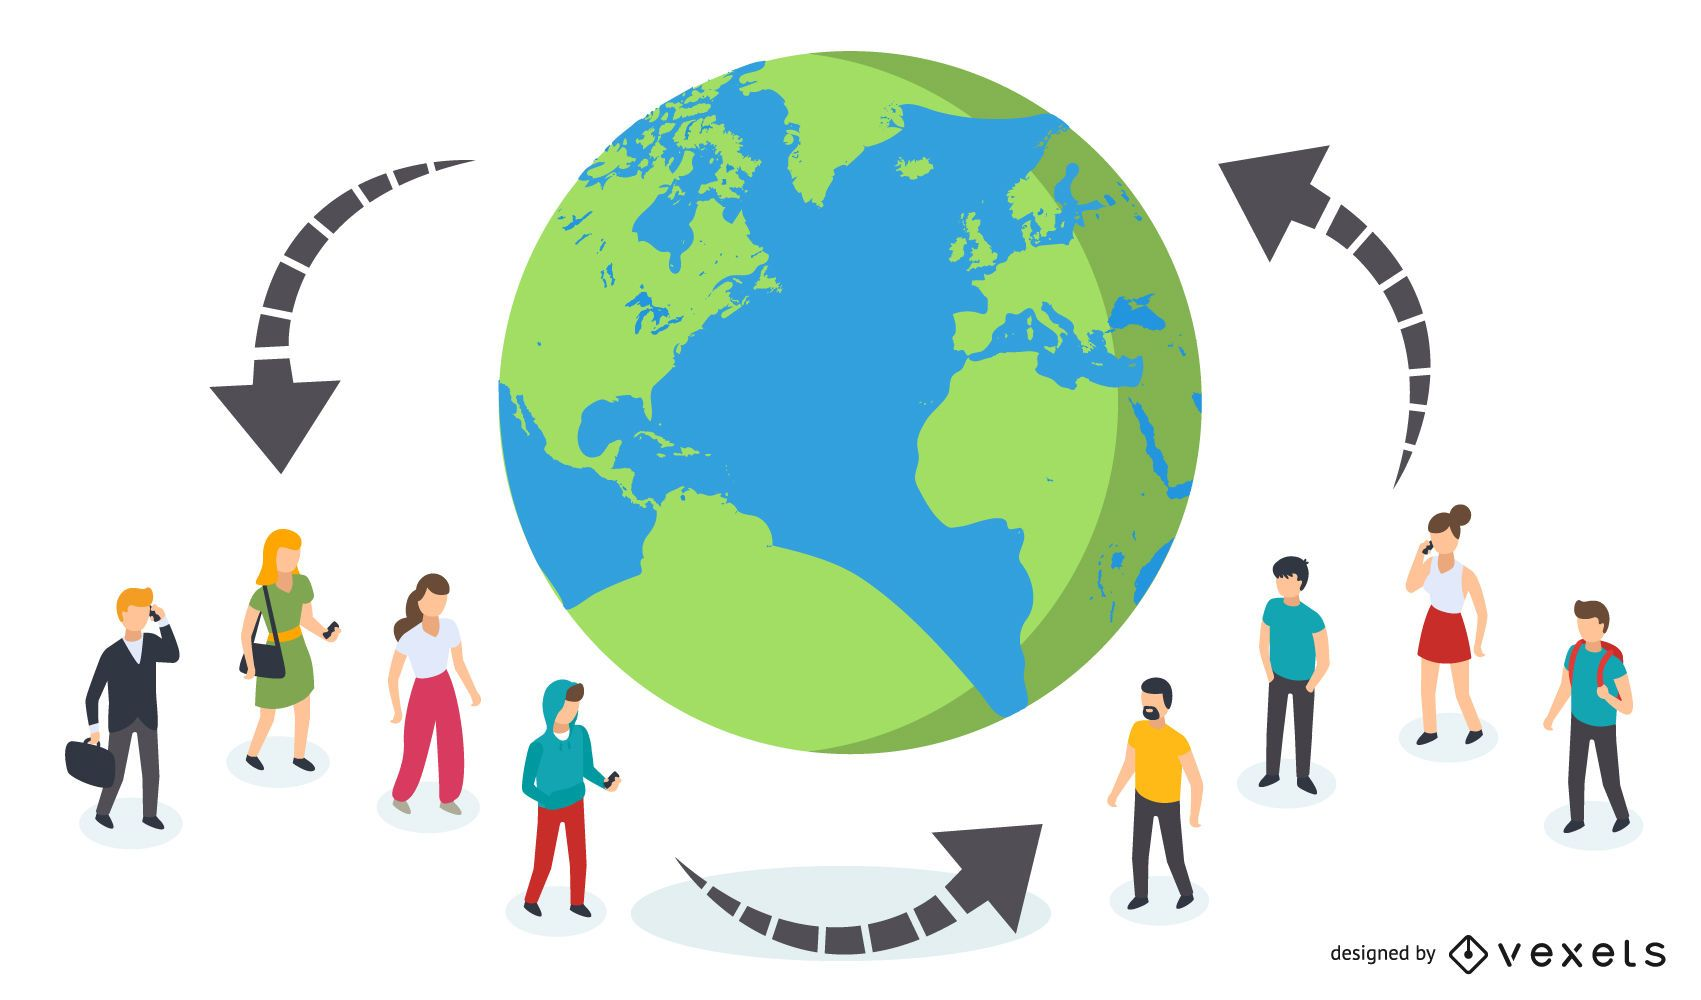 Personas conectadas a nivel mundial